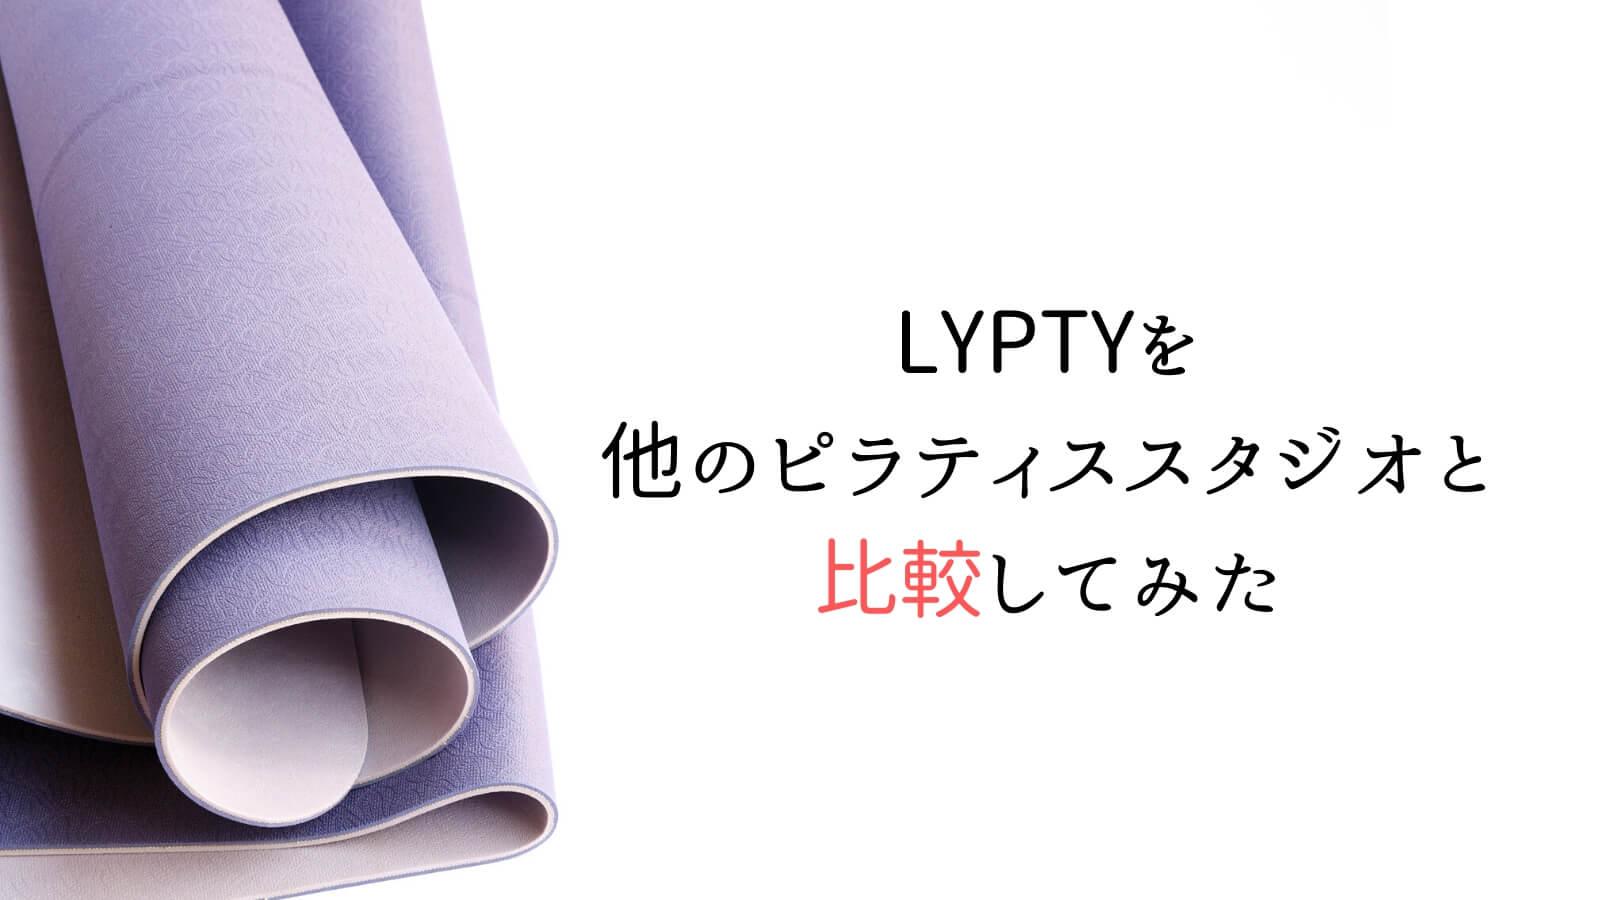 LIPTYを他のヨガスタジオと比較してみた